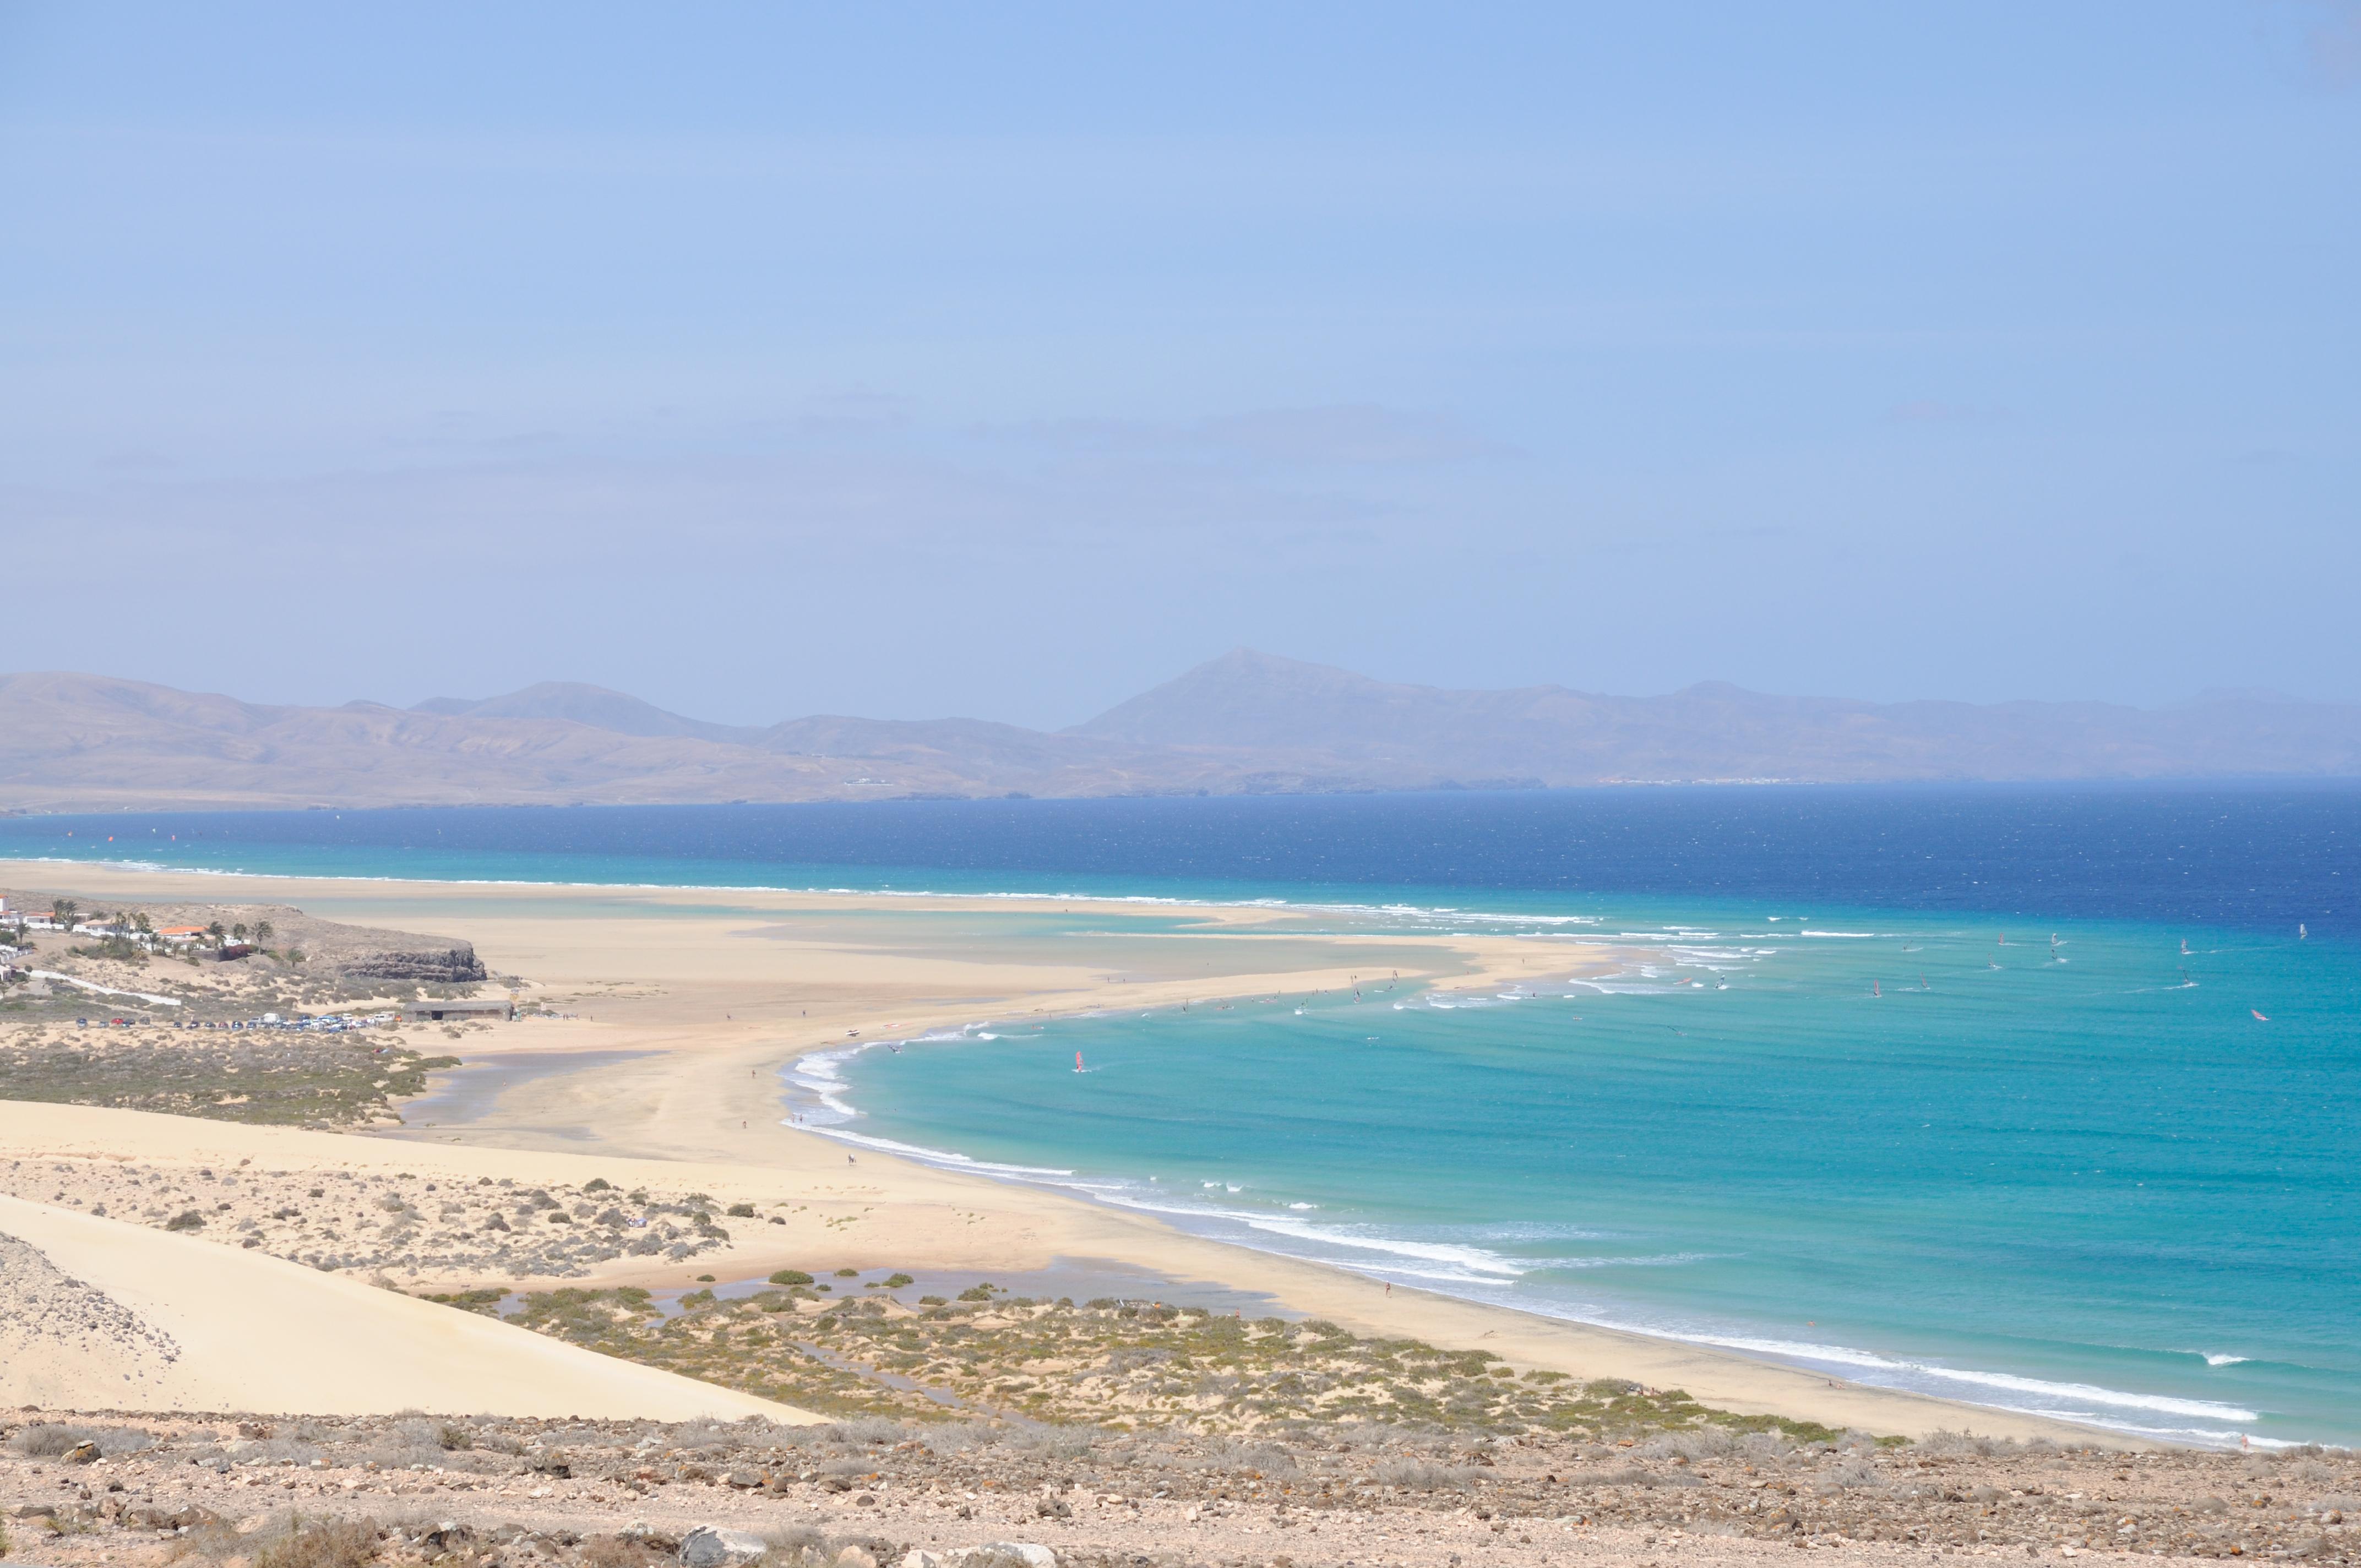 Playa de Jandía, un paraíso. Foto: Shutterstock.